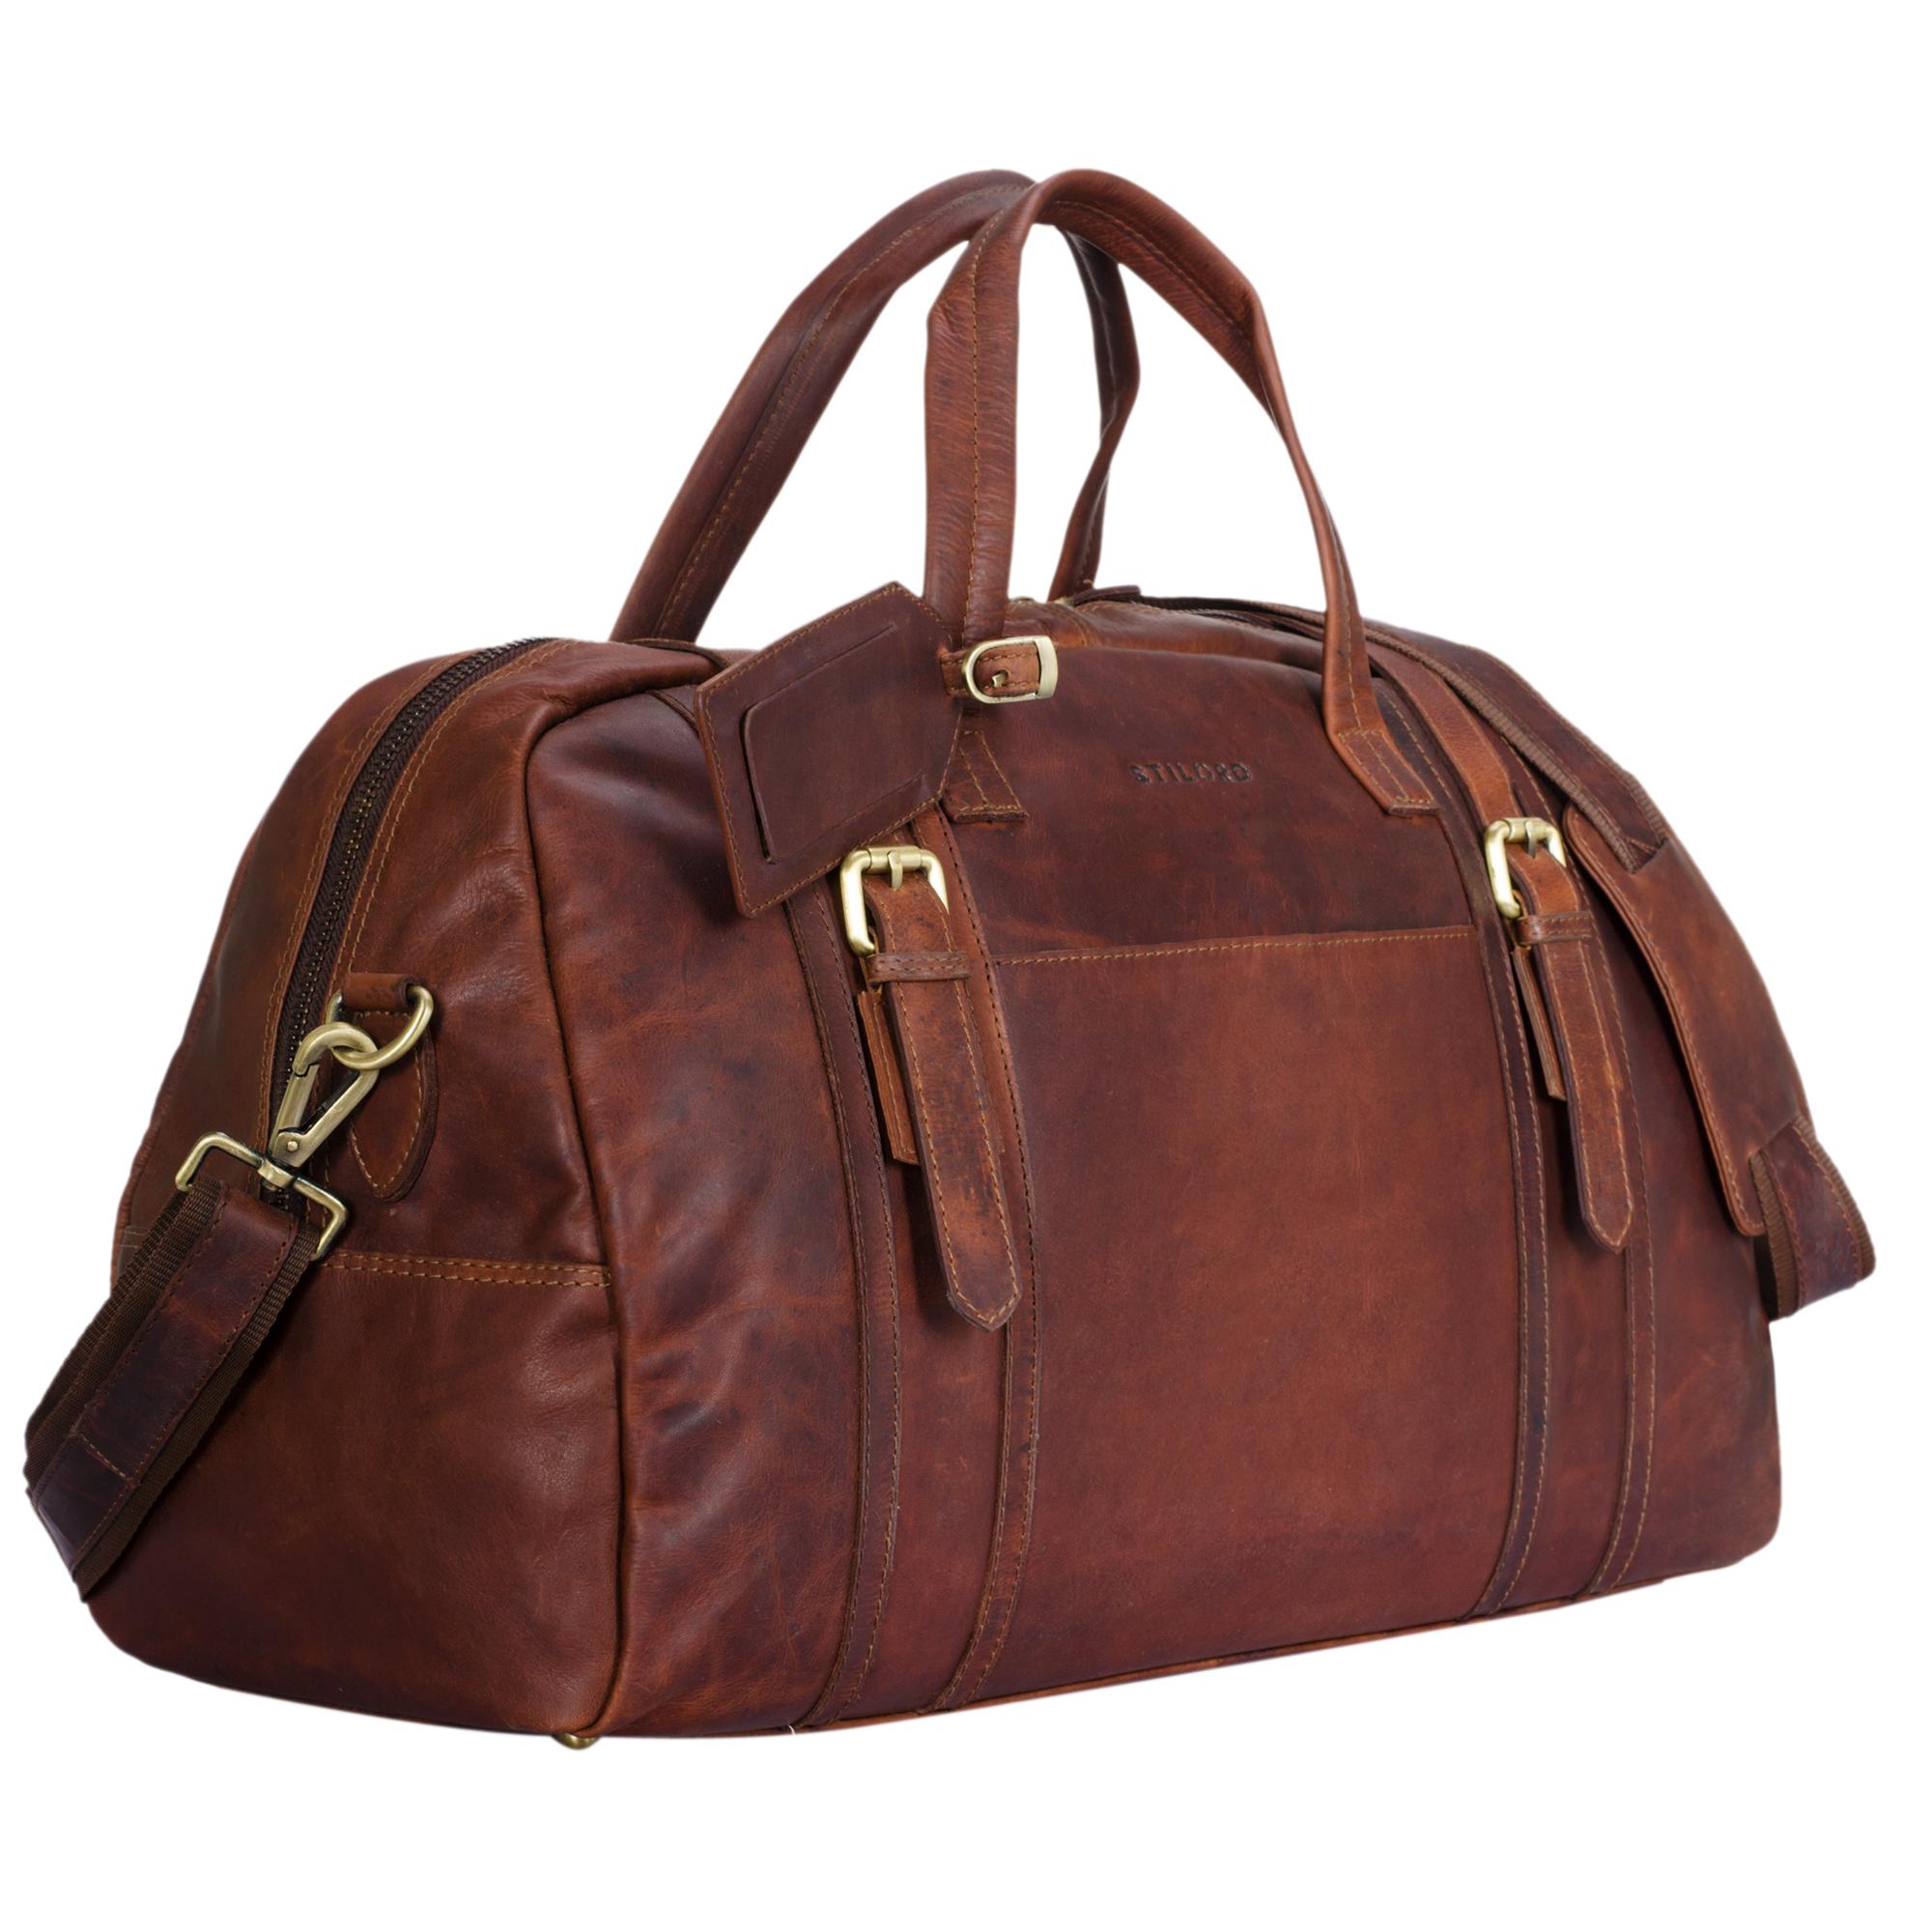 """STILORD """"Georgia"""" Große Reisetasche Vintage Leder mit Tragegriff und Schultergurt Reisegepäck Handgepäck in Kabinengröße aus echtem Büffel Leder - Bild 8"""